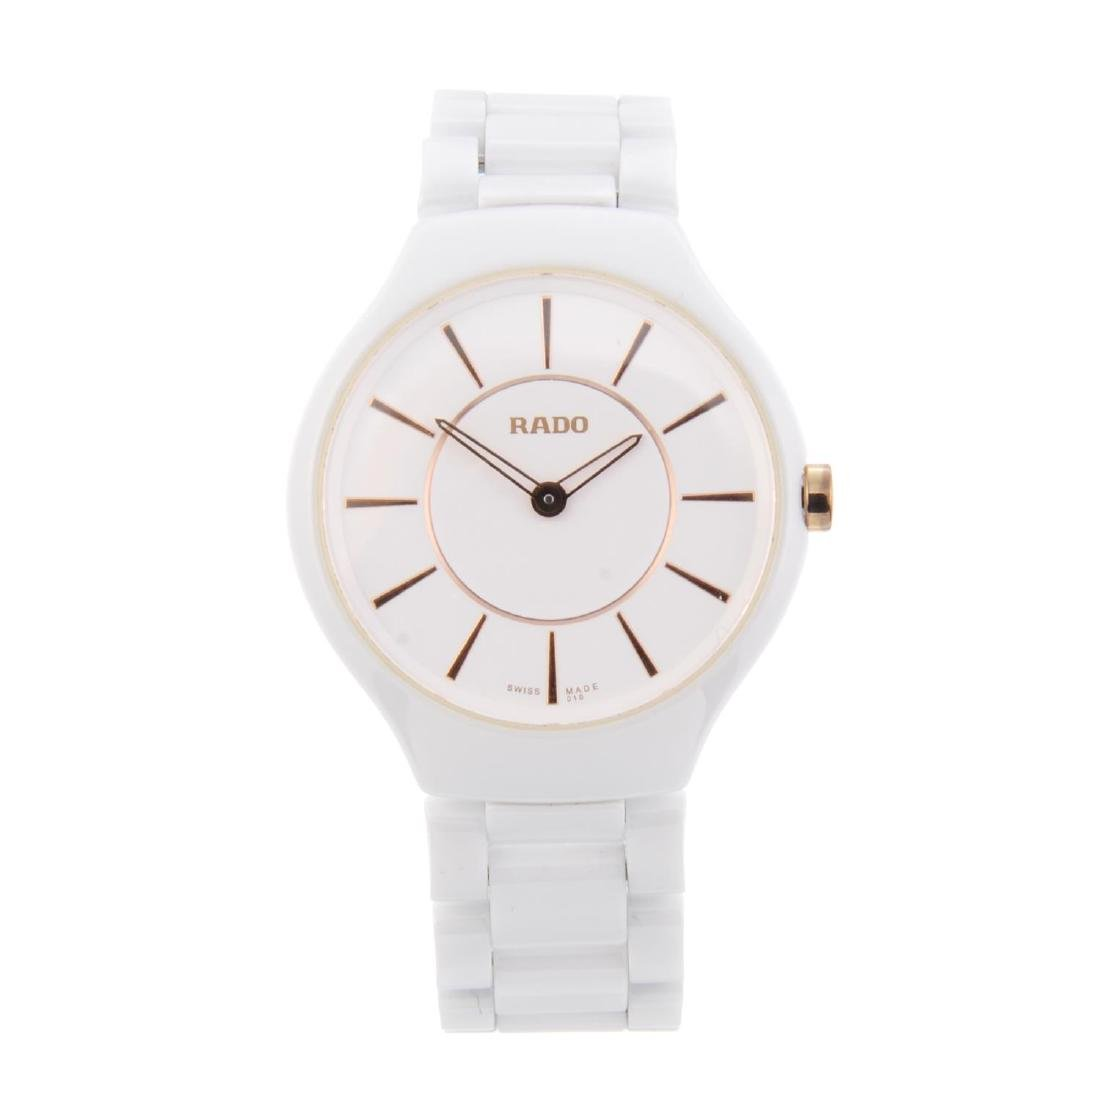 RADO - a lady's True Thinline bracelet watch. White